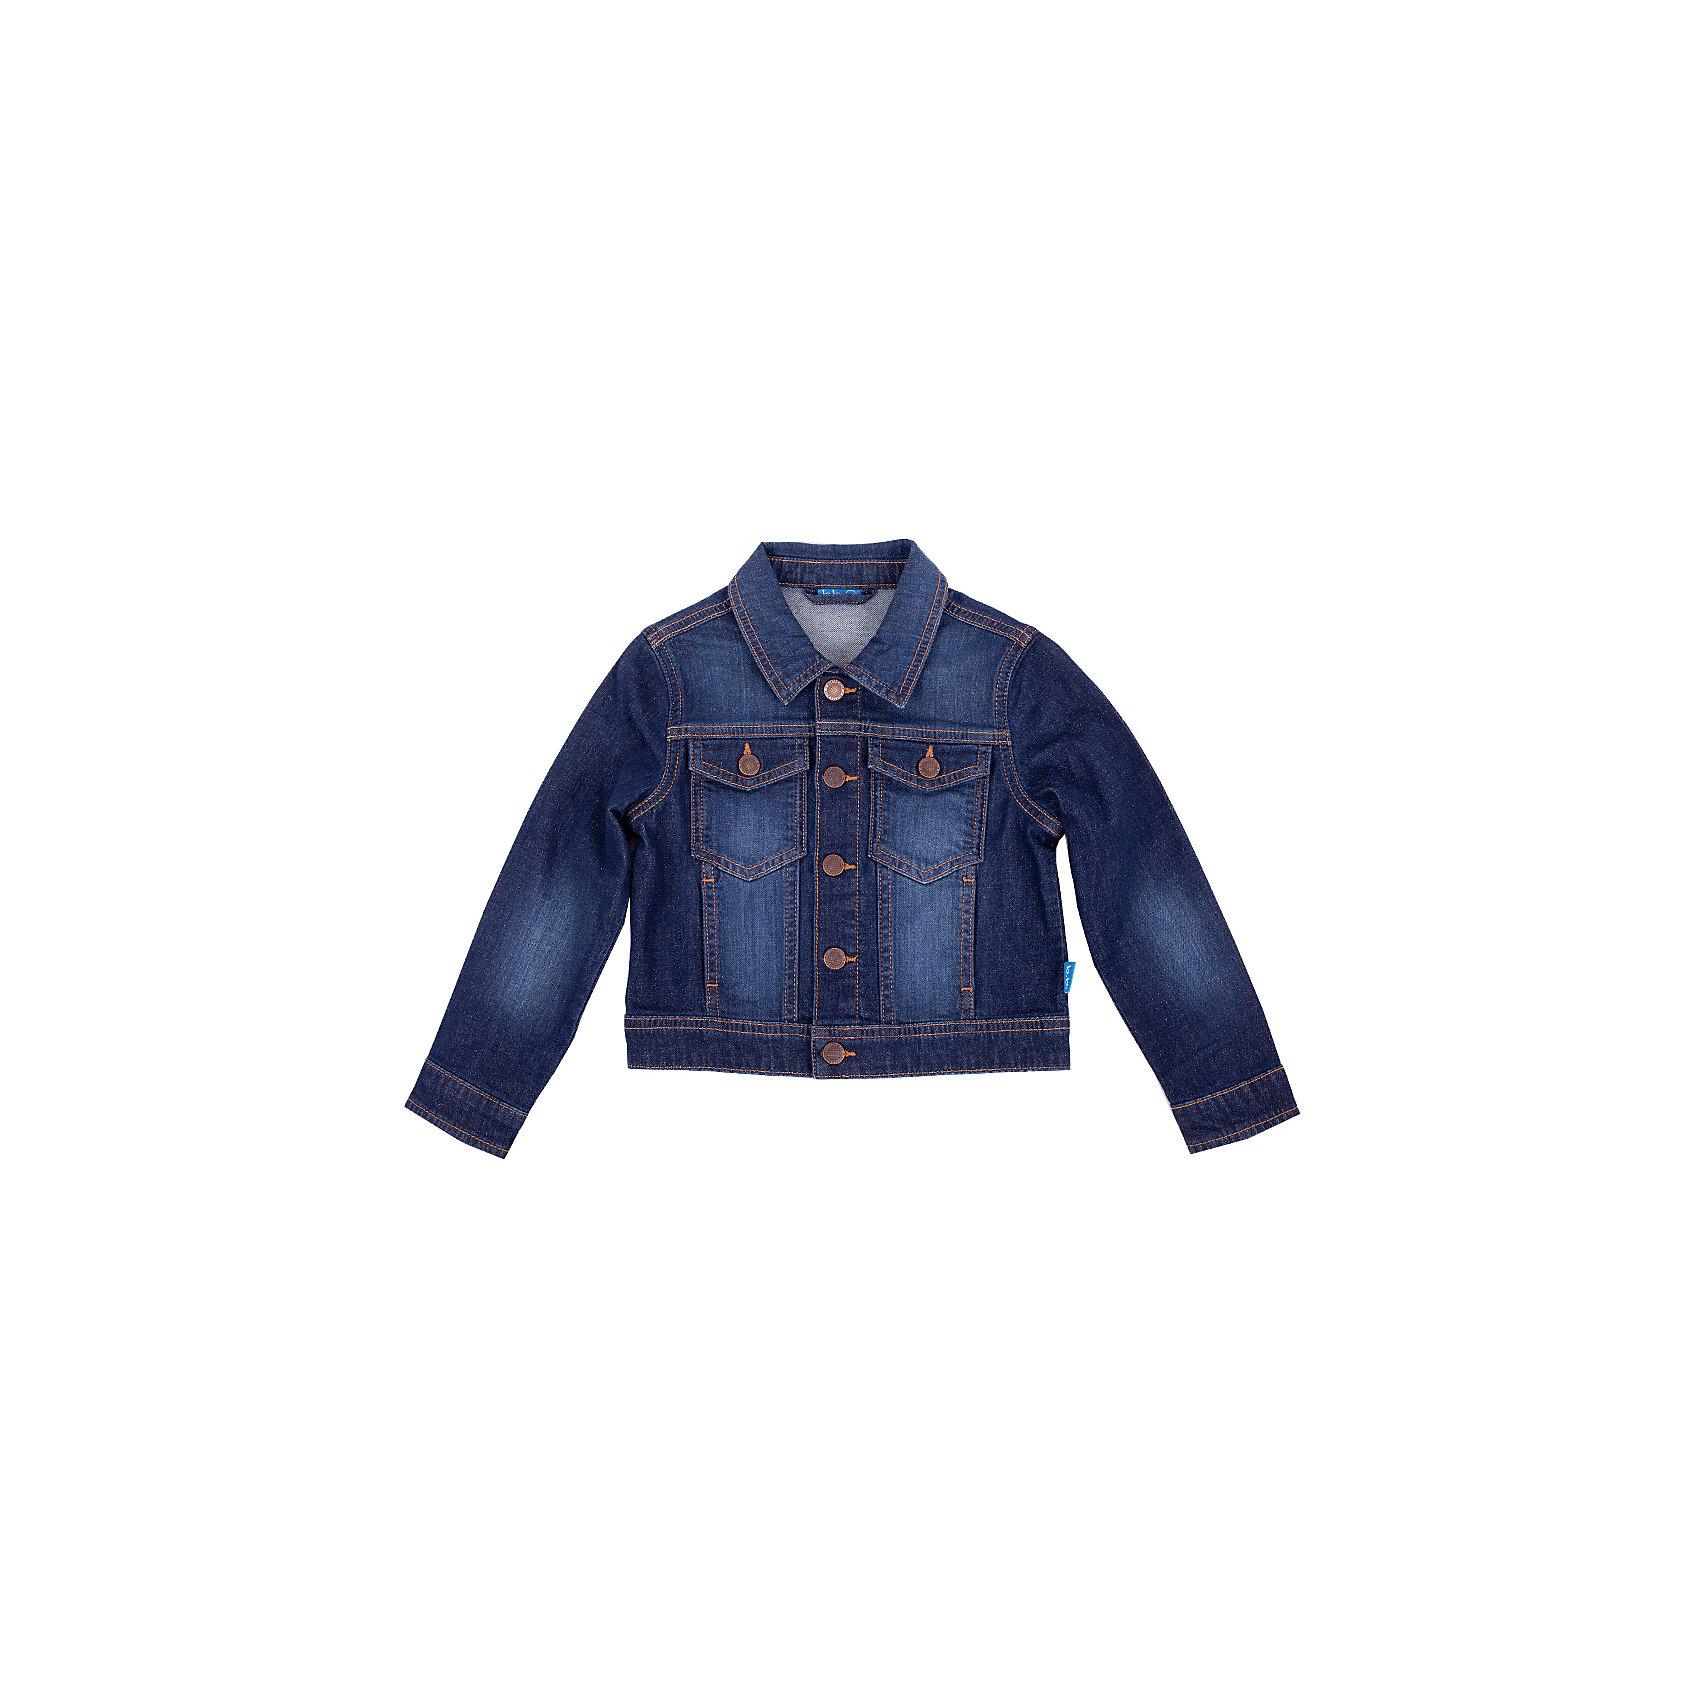 Джинсовая куртка для мальчика Button BlueВерхняя одежда<br>Джинсовая куртка для мальчика - базовая вещь весеннего-летнего гардероба! Она отлично сочетается с брюками, шортами, бриджами, делая комплект интересным и завершенным. Вы хотите, чтобы ваш ребенок был в тренде? Вы предпочитаете купить джинсовую куртку недорого и не сомневаться в ее качестве и комфорте? Тогда джинсовая куртка от Button Blue для вас!<br>Состав:<br>98,6% хлопок, 1,4% эластан<br><br>Ширина мм: 356<br>Глубина мм: 10<br>Высота мм: 245<br>Вес г: 519<br>Цвет: синий<br>Возраст от месяцев: 36<br>Возраст до месяцев: 48<br>Пол: Мужской<br>Возраст: Детский<br>Размер: 104,128,152,98,140,146,122,134,116,110,158<br>SKU: 4510302